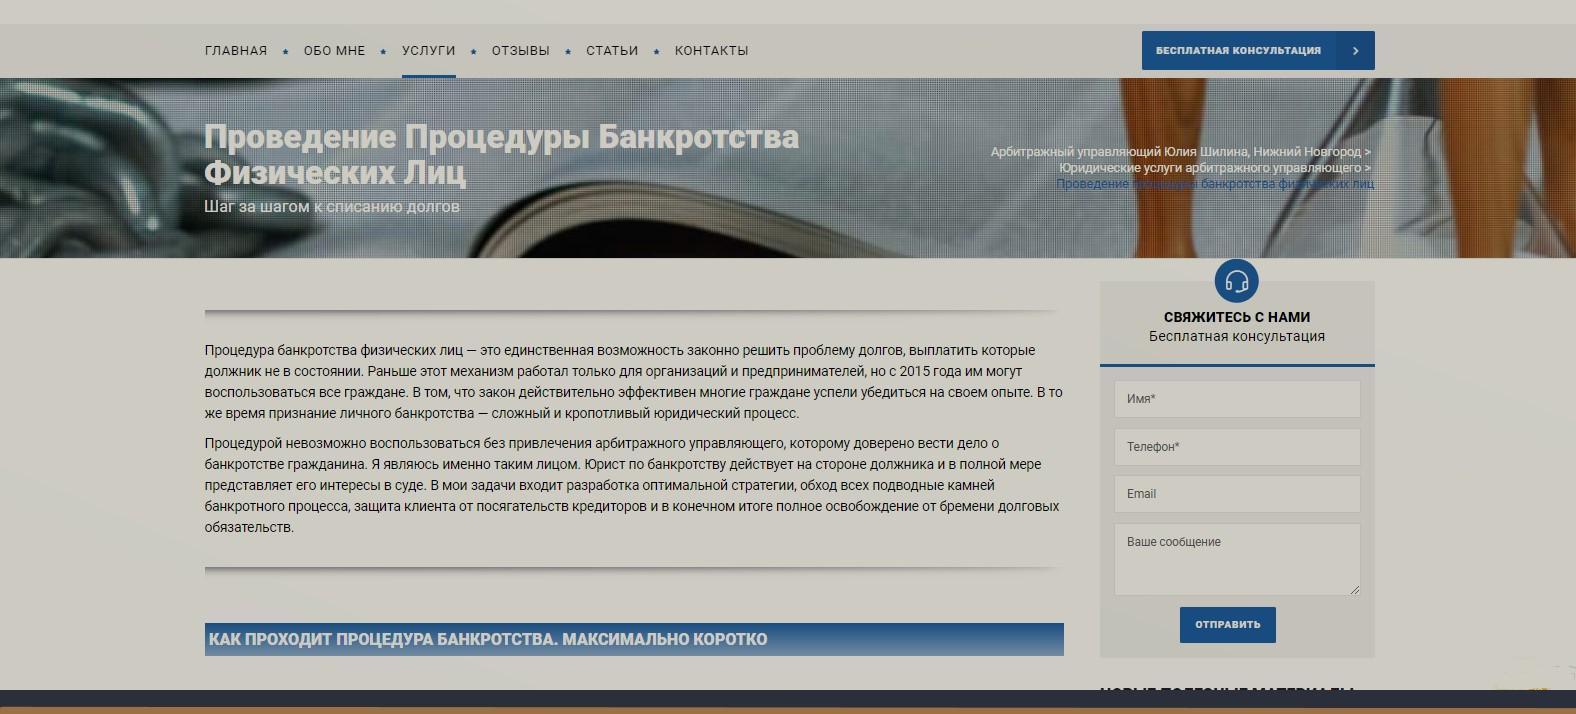 Изображение для анонса статьи по процедуре банкротства физических лиц, арбитражный управляющий Шилина Ю. А.